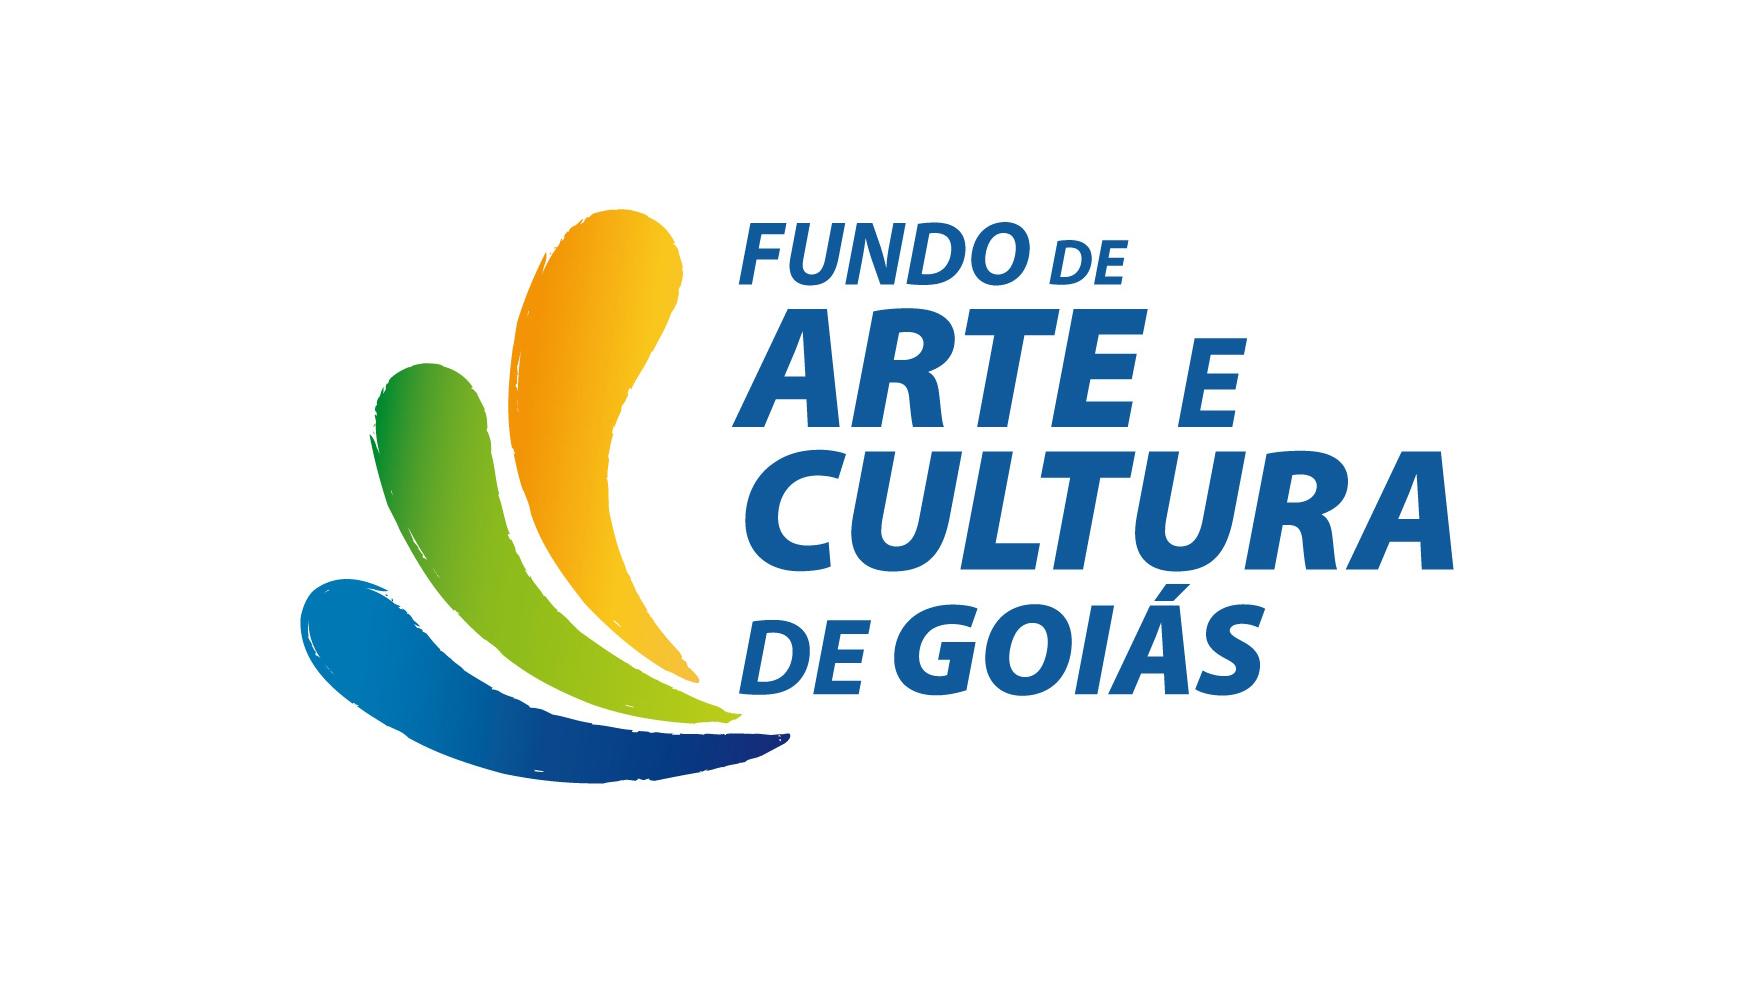 Seduce divulga propostas contempladas pelo Fundo de Arte e Cultura